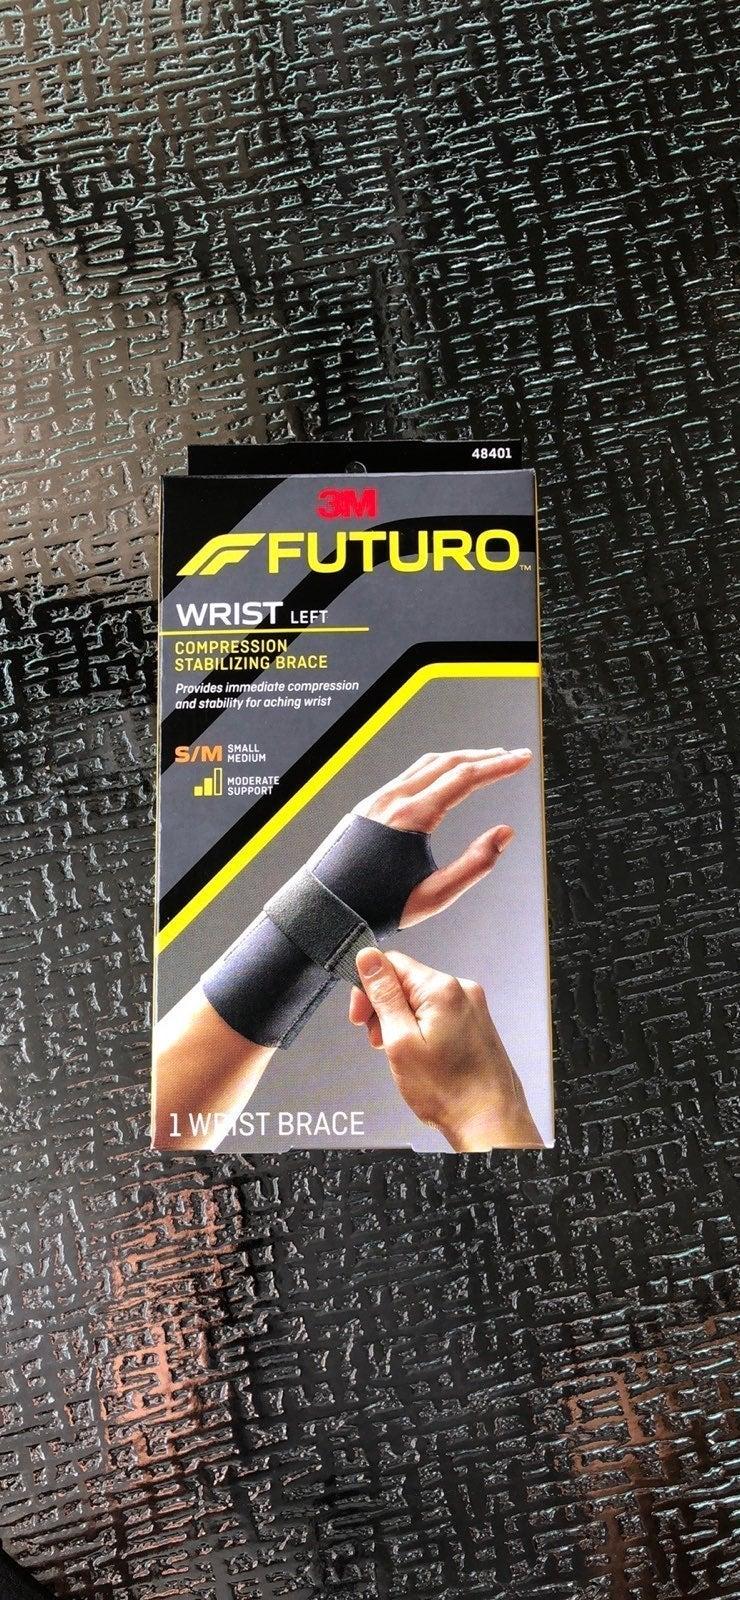 3M FUTURO WRIST LEFT COMPRESSION STABILI